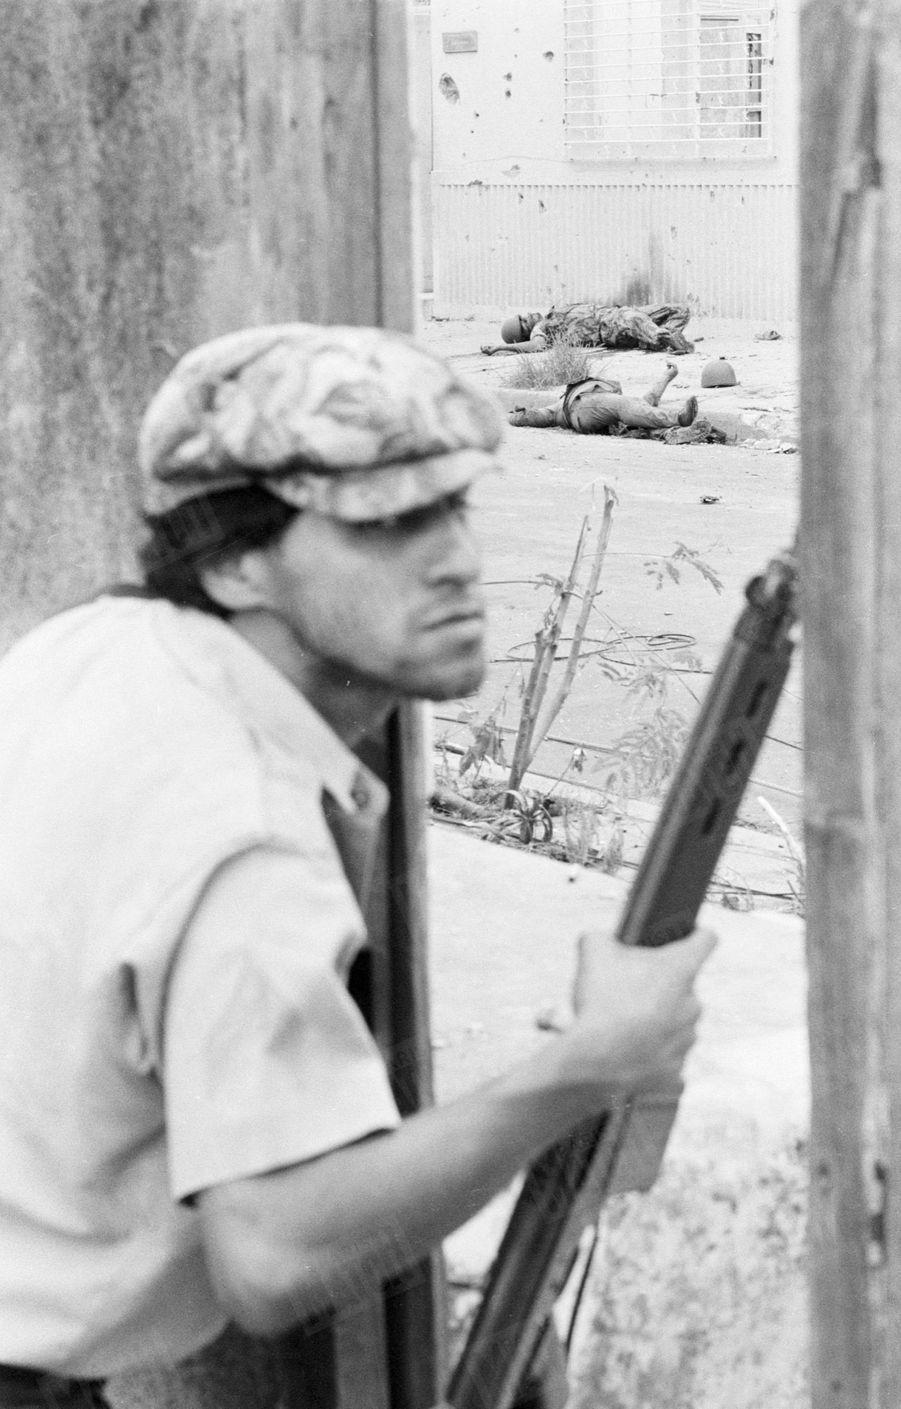 «Combat de rue dans Léon. Ce guérillero vient d'abattre deux soldats de la guardia civil du général Somoza.» - Paris Match n°1571, 6 juillet 1979